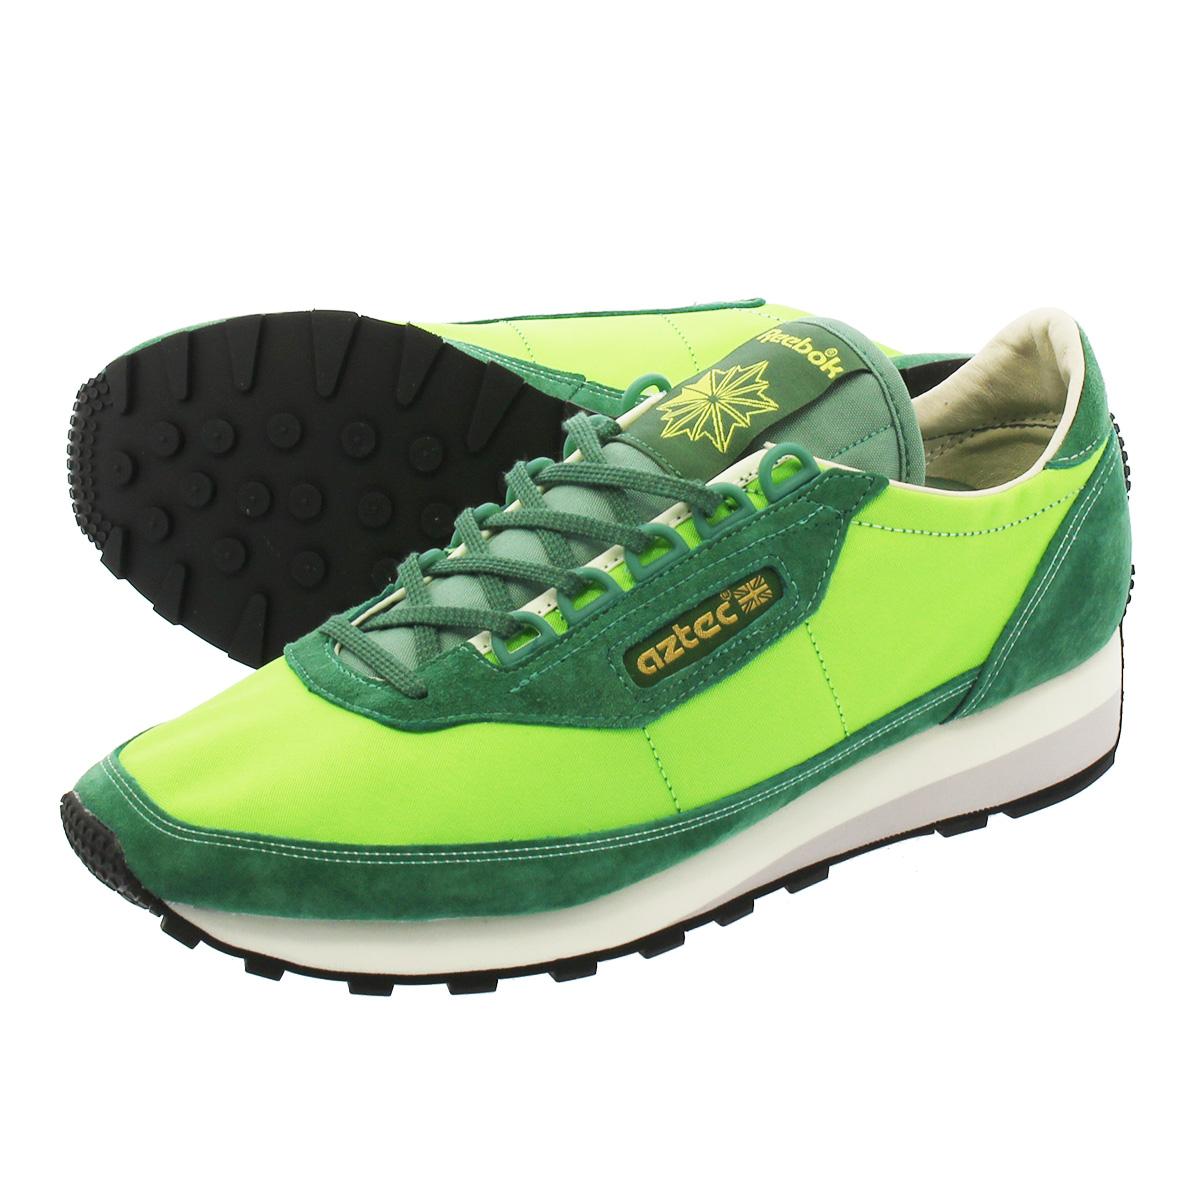 a8e0bcabb1d057 Reebok AZTEC ANTQ RUNNER Reebok as technical center ANTQ runner  GREEN WHITE GREY GOLD BLACK